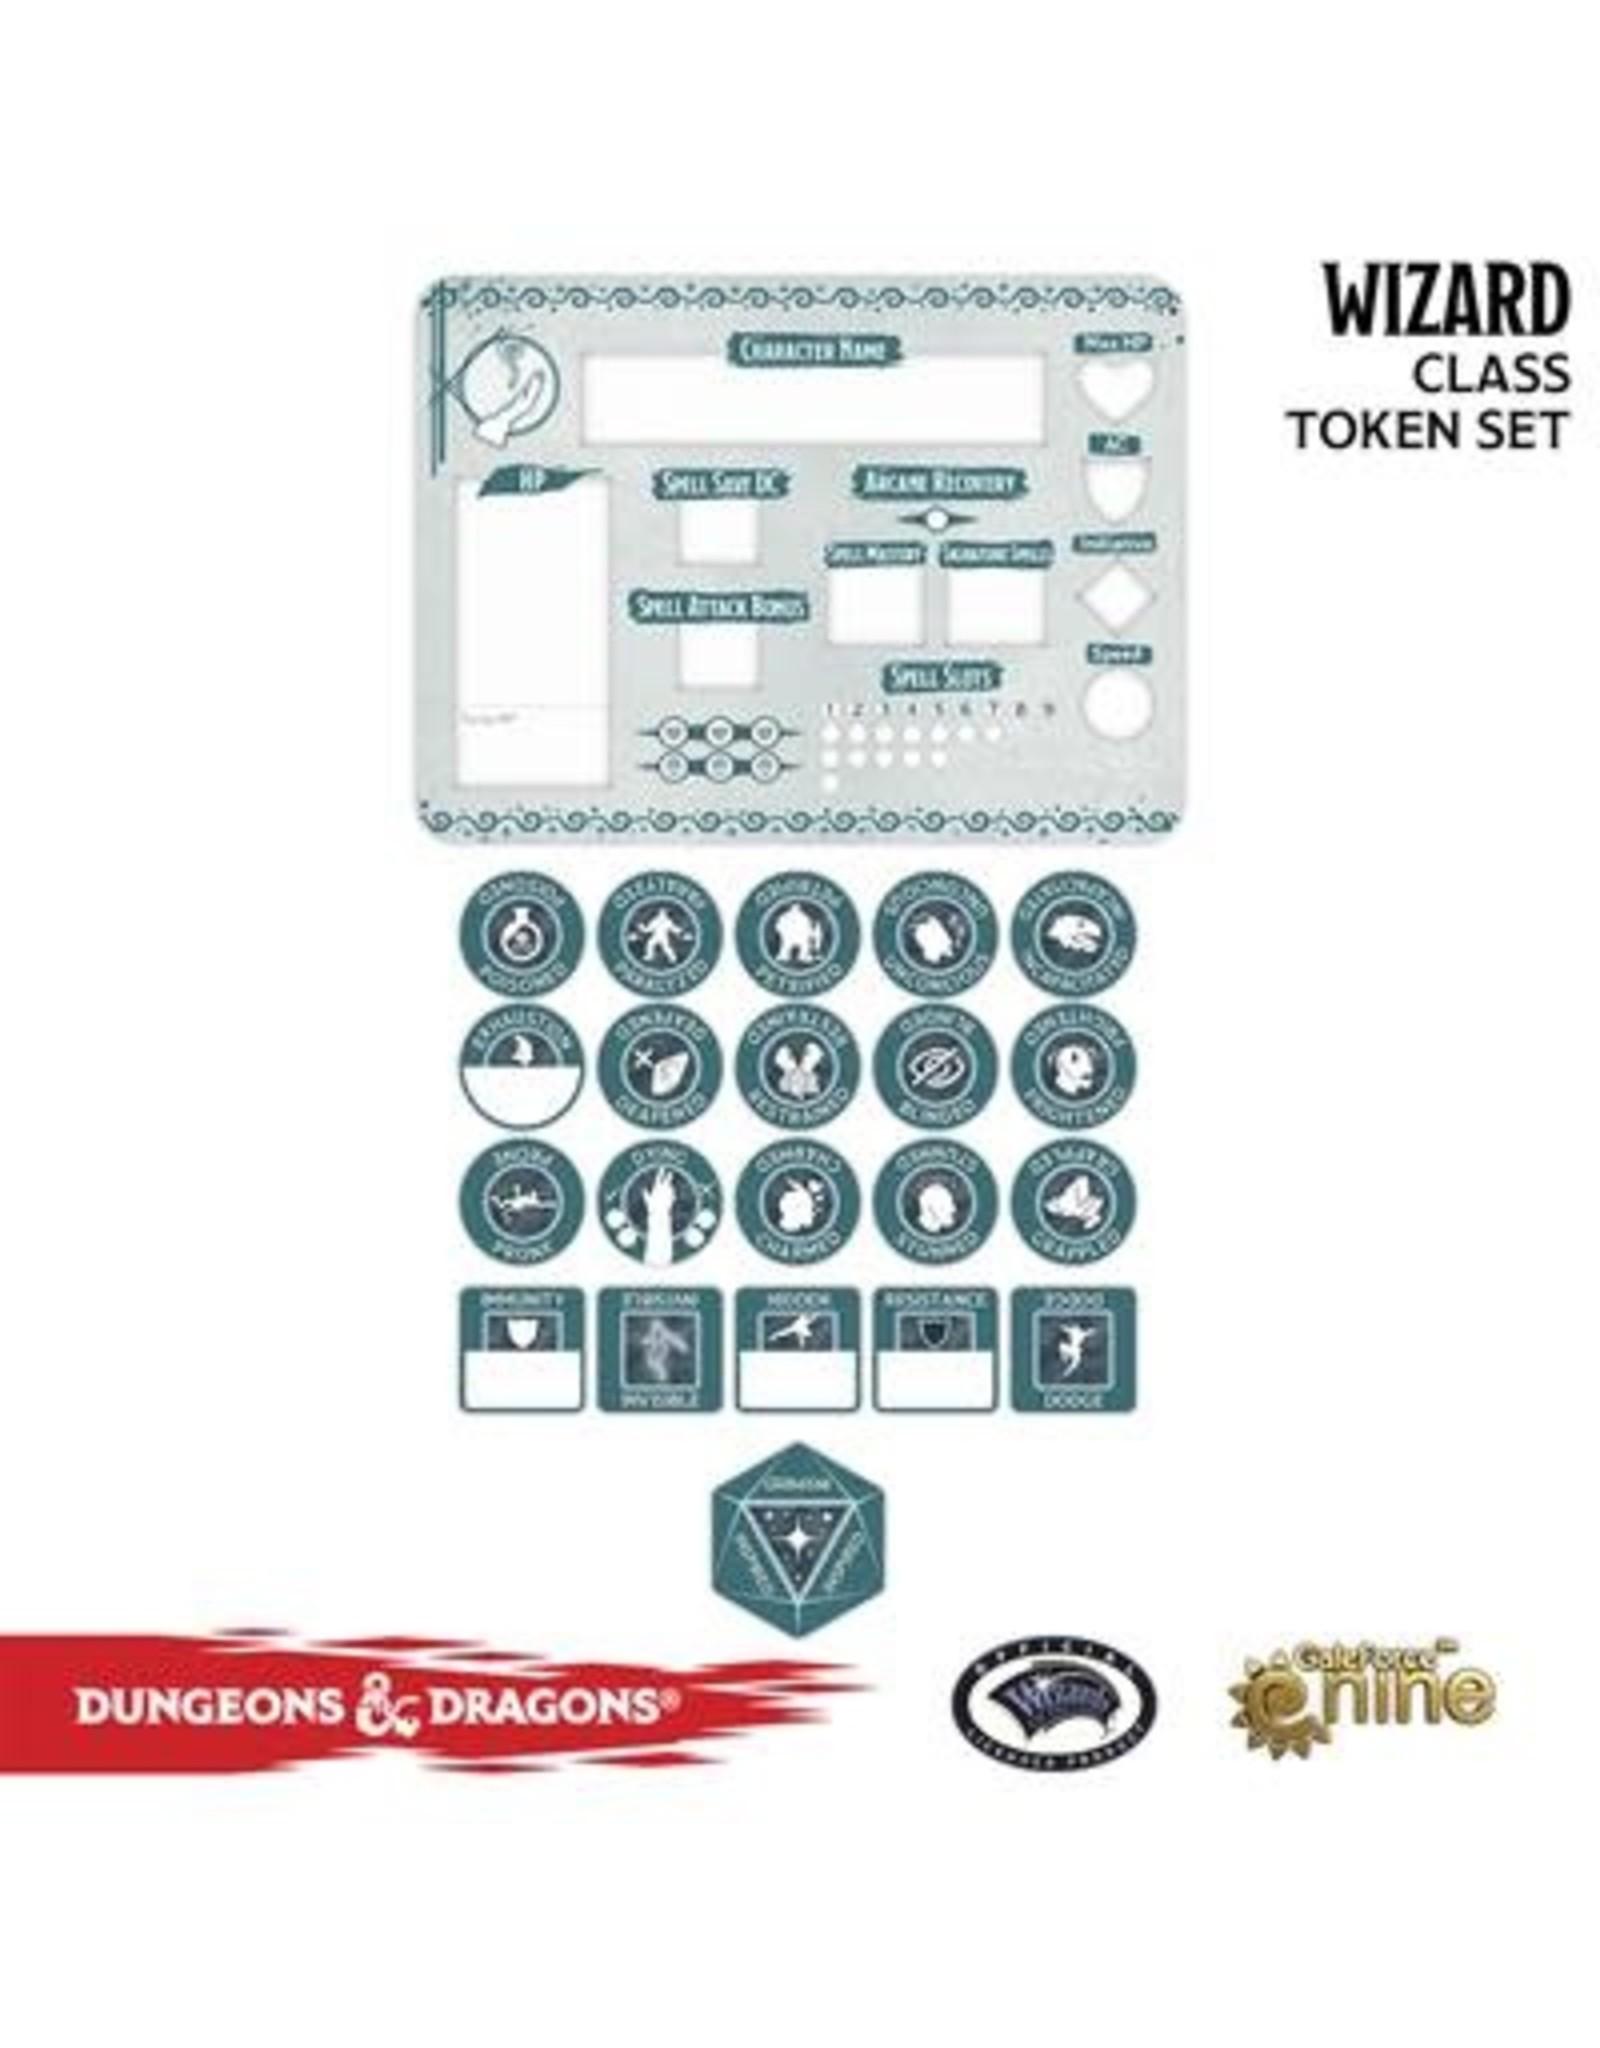 GaleForce nine D&D 5E: Player Token Set - Wizard